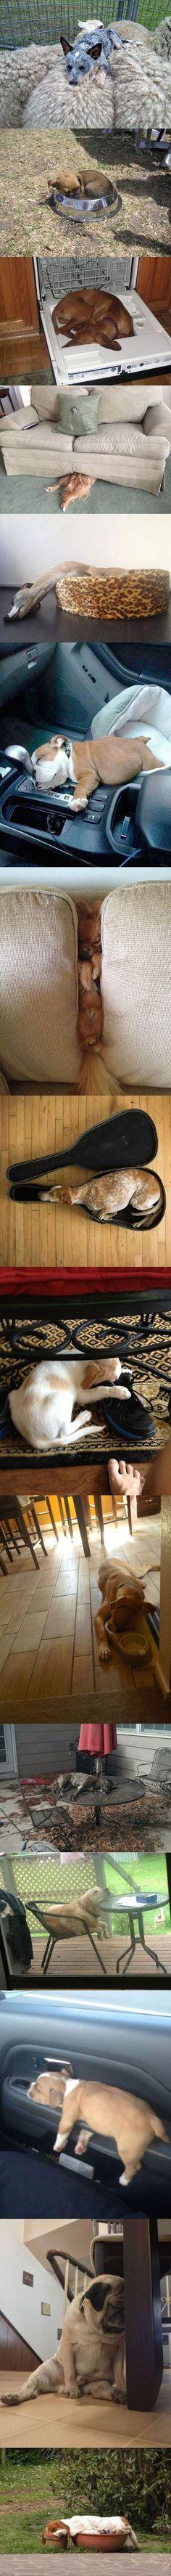 Hunde und ihre bequemen Schlafplätze   Webfail - Fail Bilder und Fail Videos